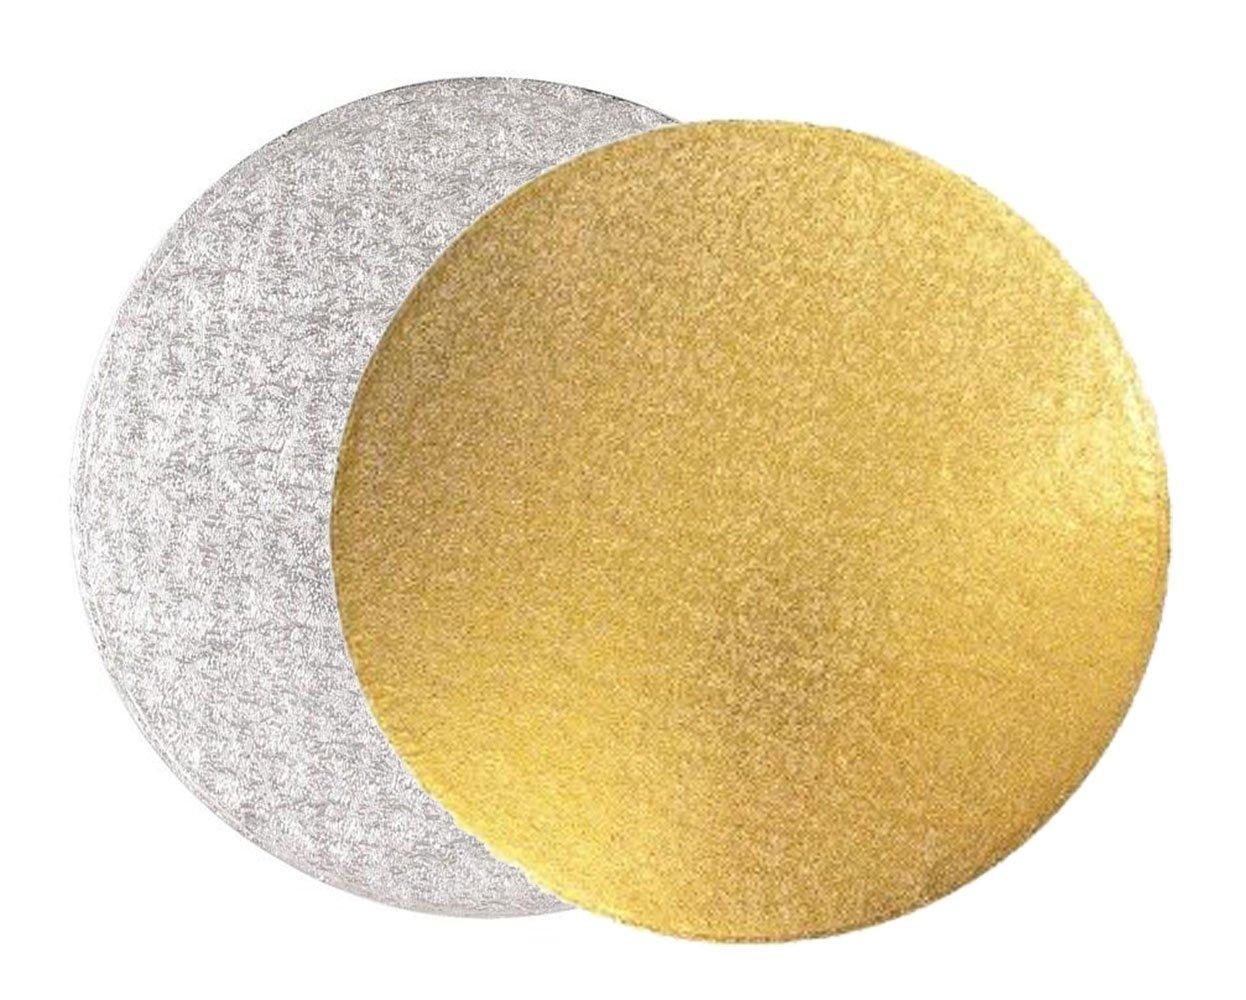 Cake Board | Sottotorta basso rotondo - oro e argento - confezione da 5 pezzi (20cm) Graziano